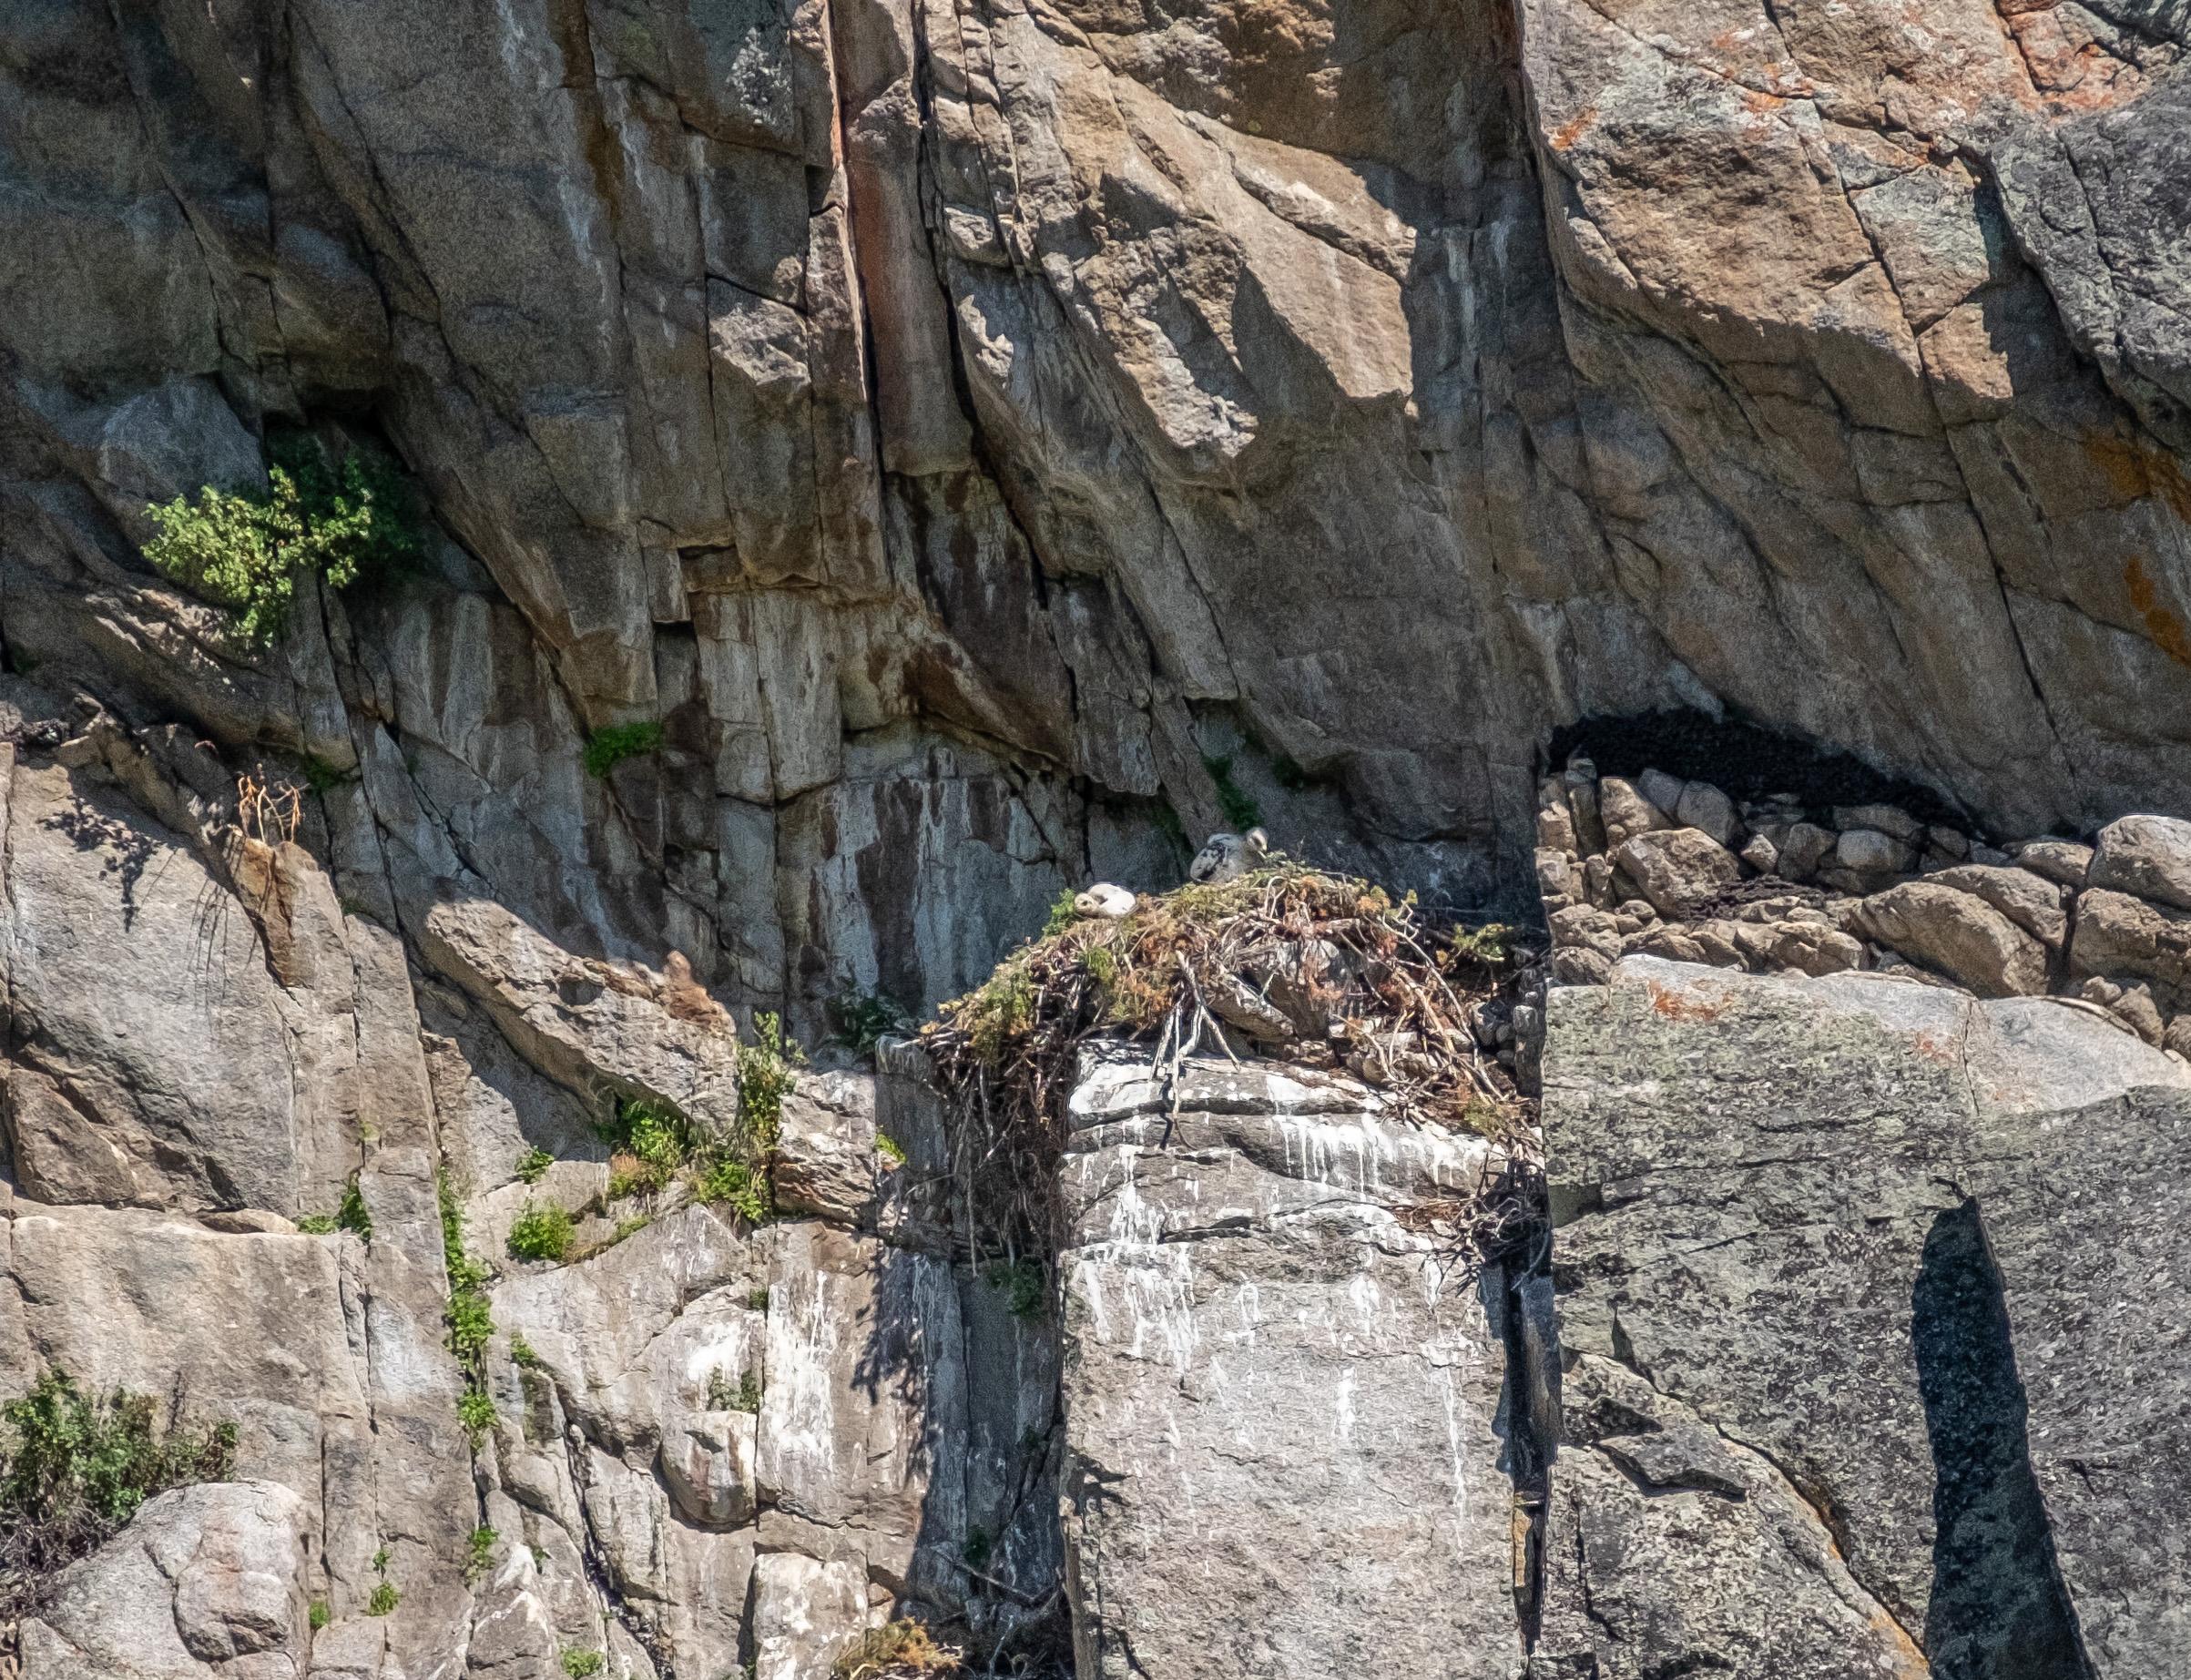 GoldenEagleSurprise-10.jpg